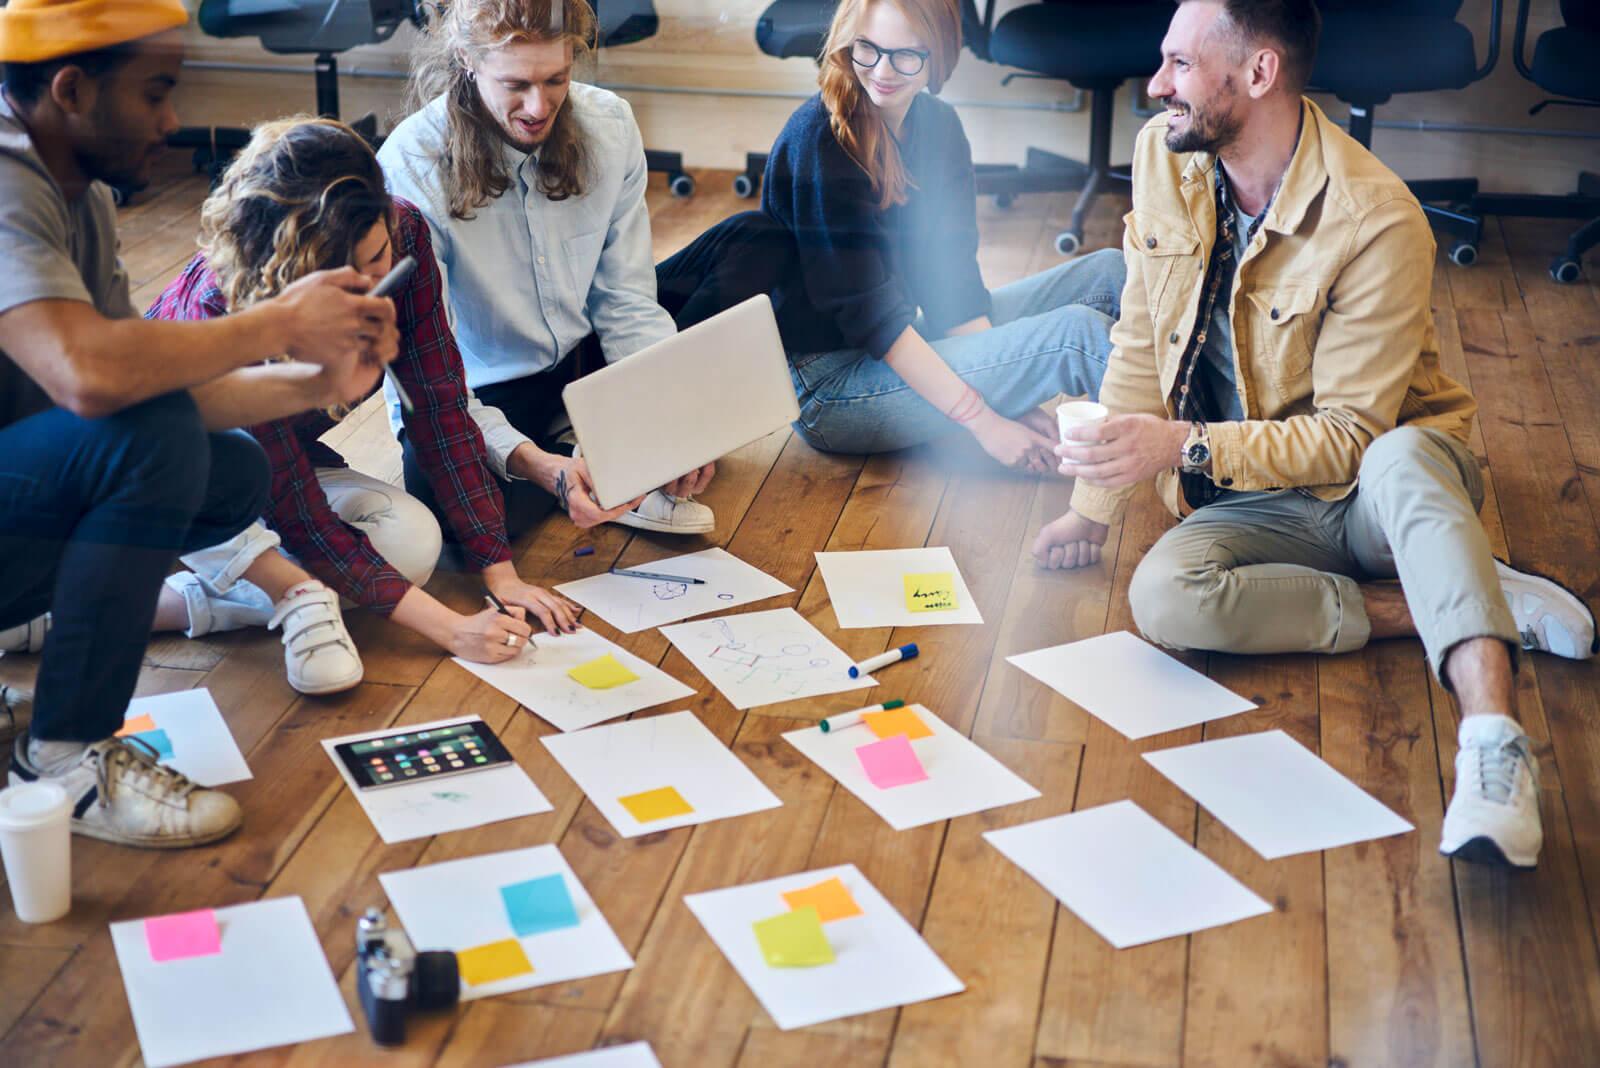 Ein Gruppe sitzt auf dem Boden und diskutiert mit Papier und Post its